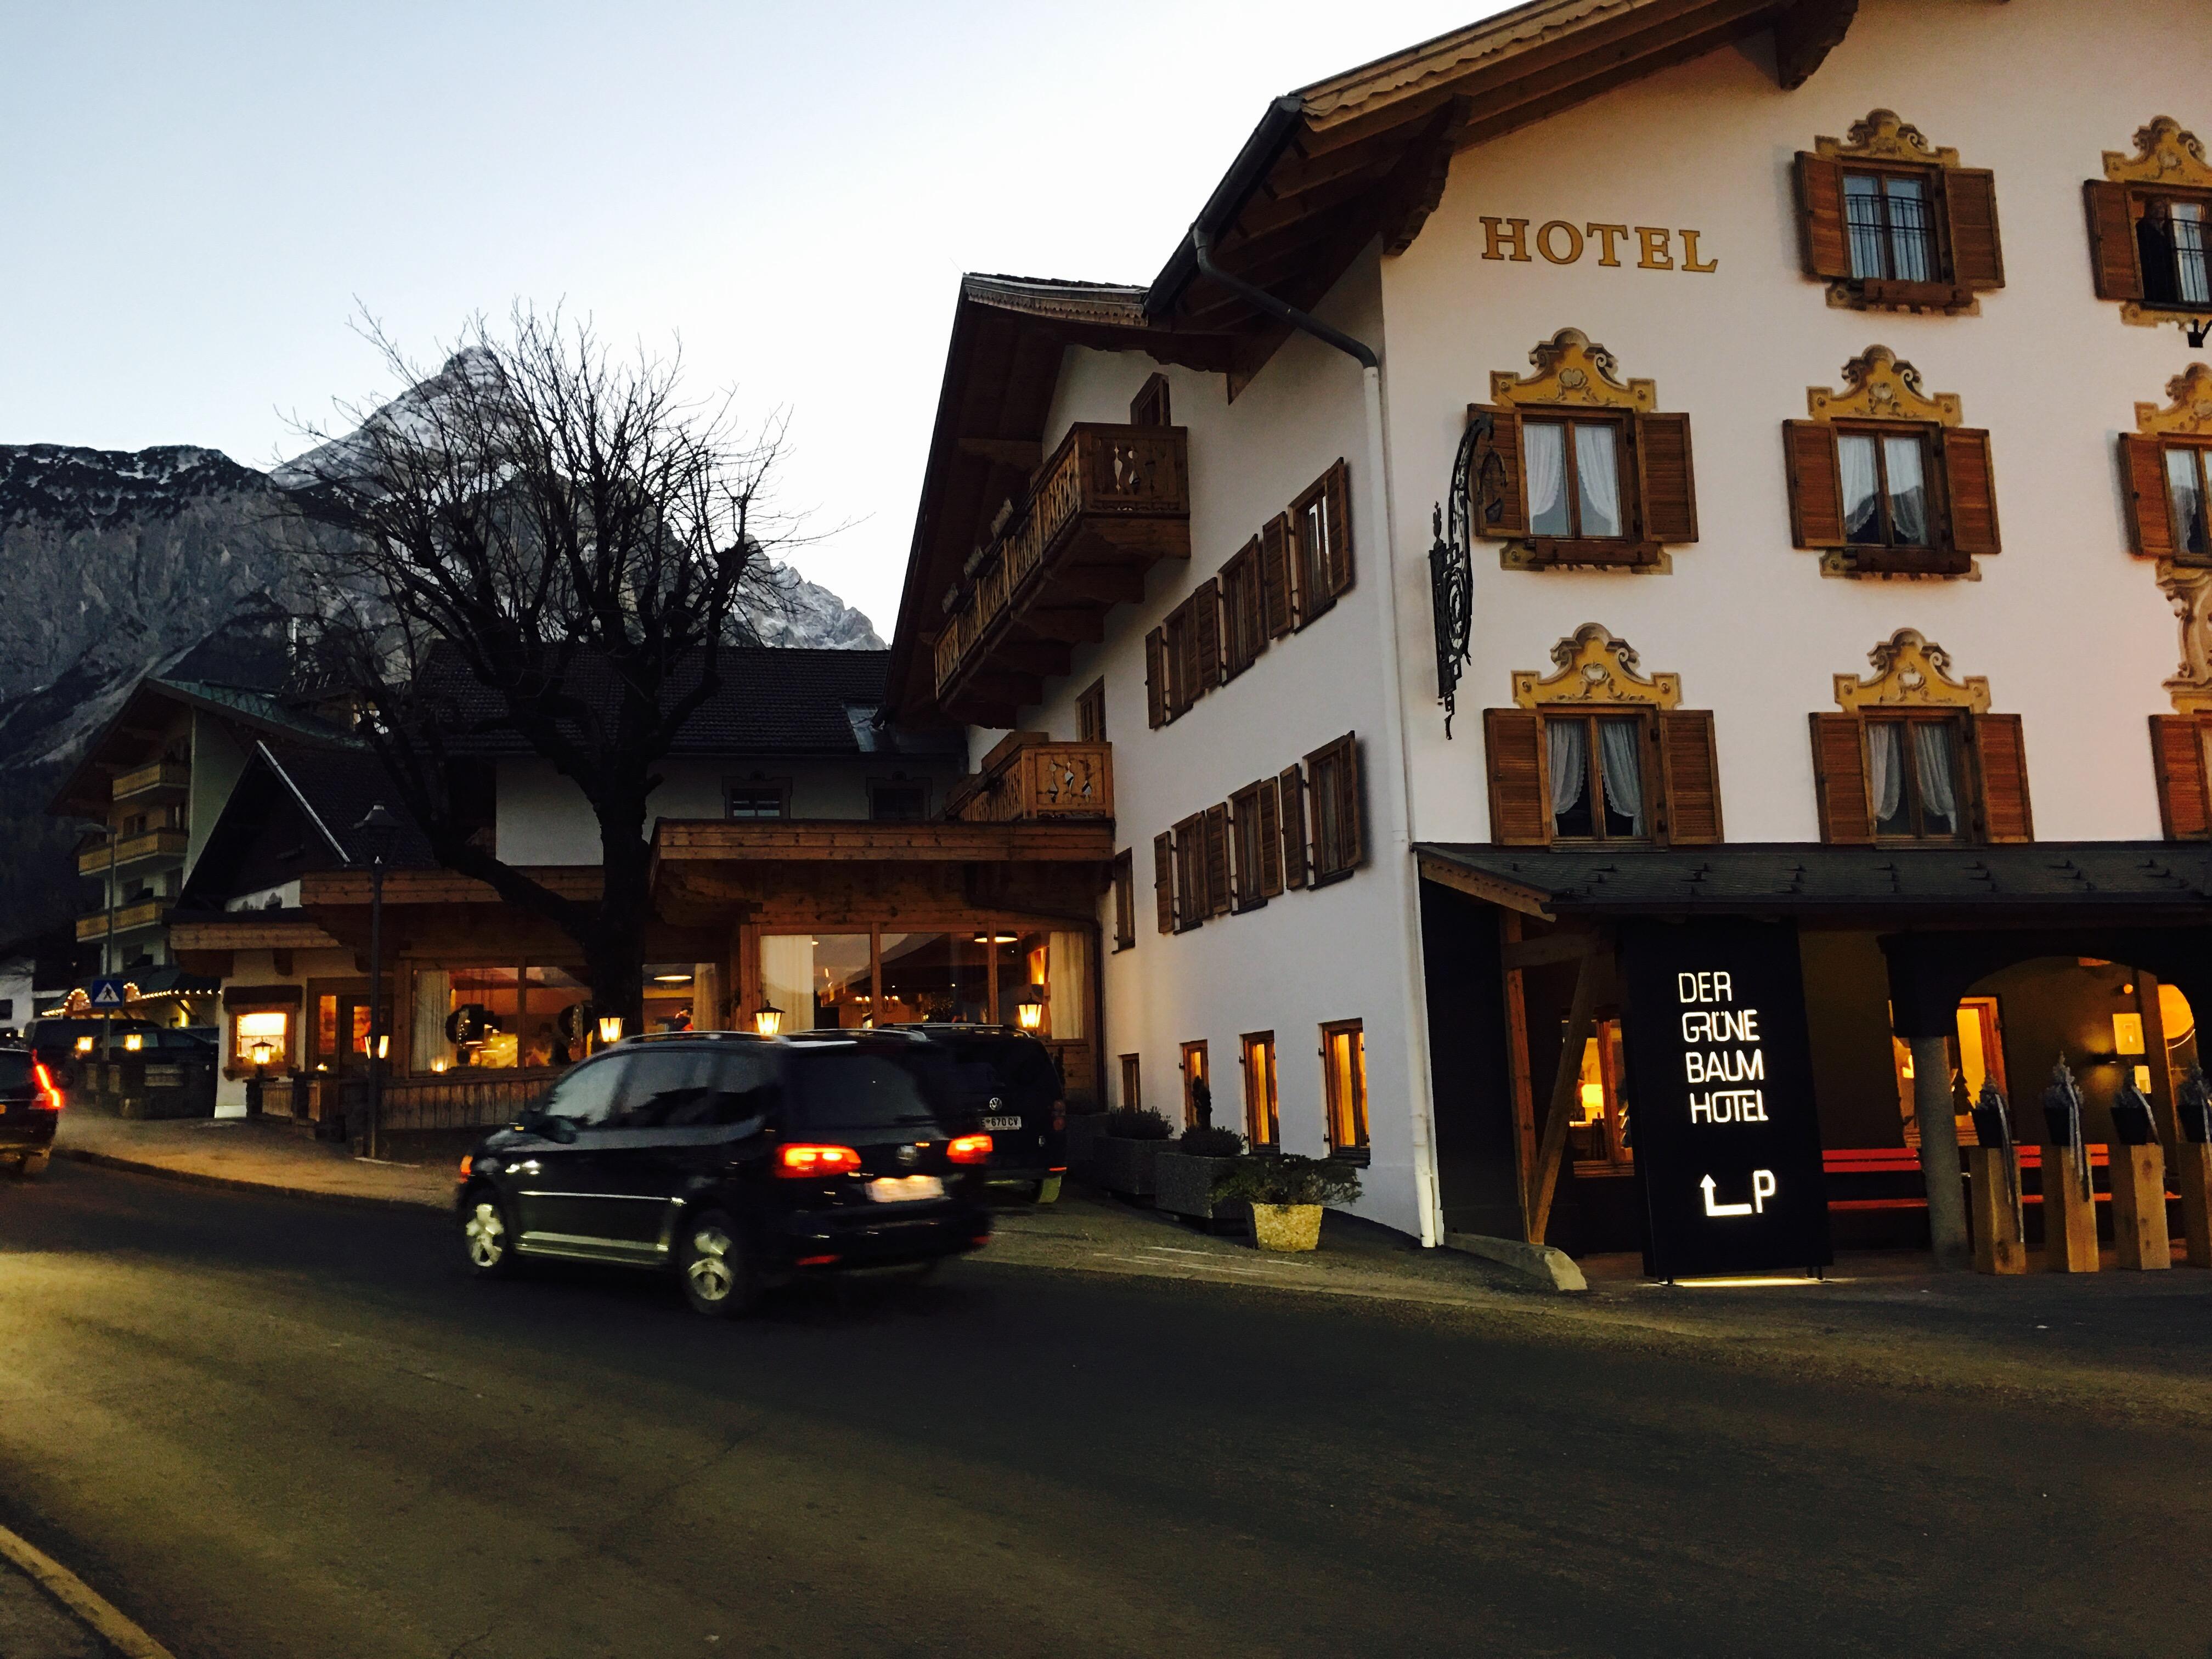 Hotel Der Grüner Baum in Ehrwald (hotelreview)